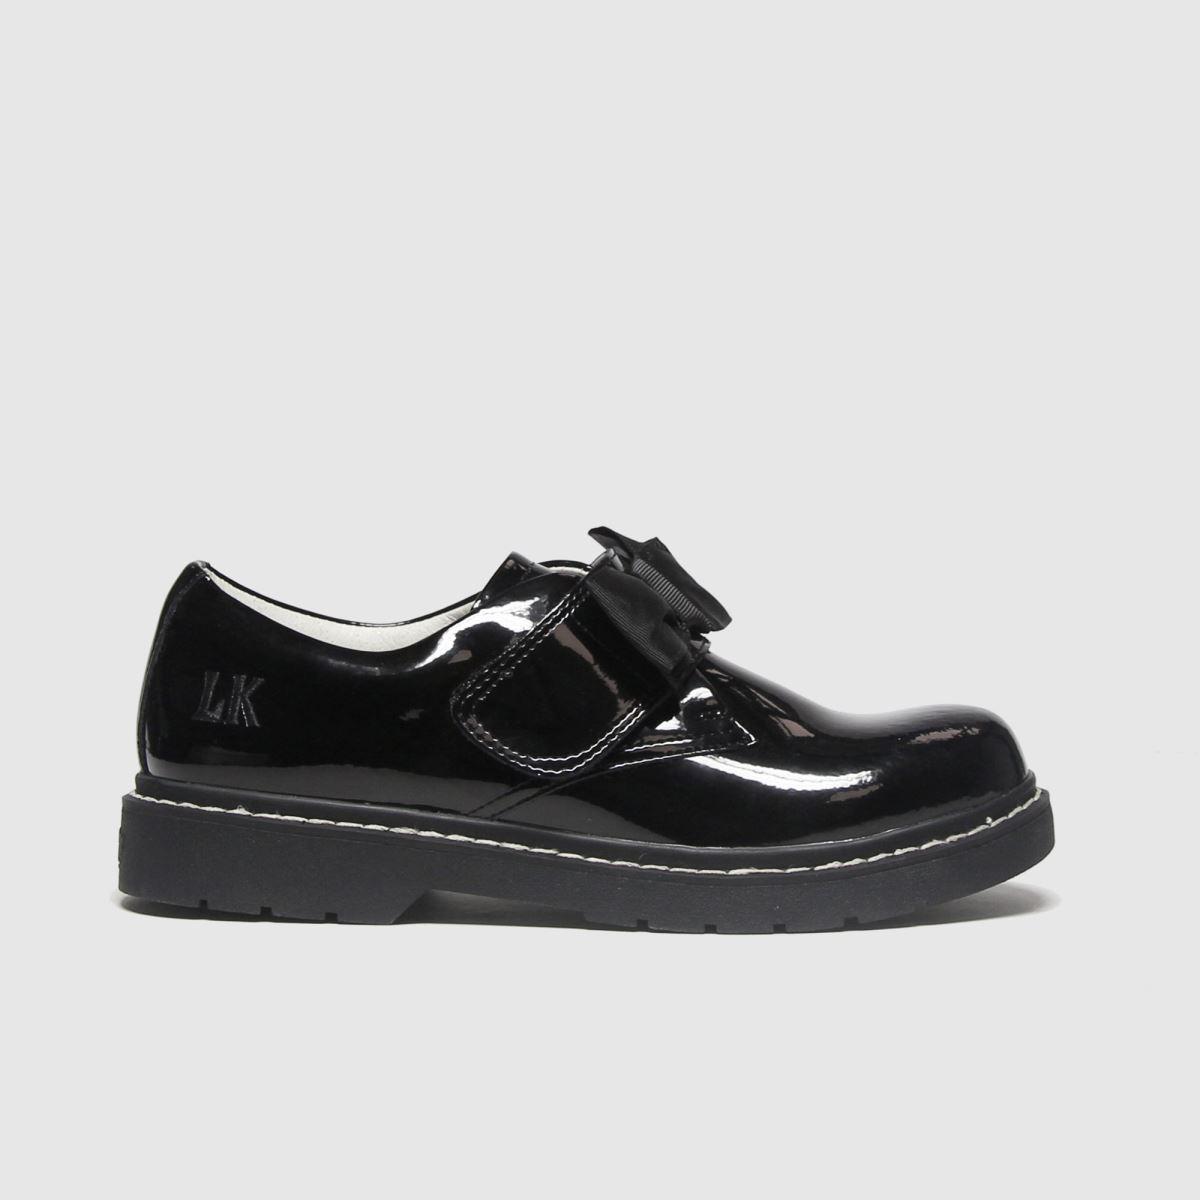 Lelli Kelly Black Irene Bow Shoes Youth